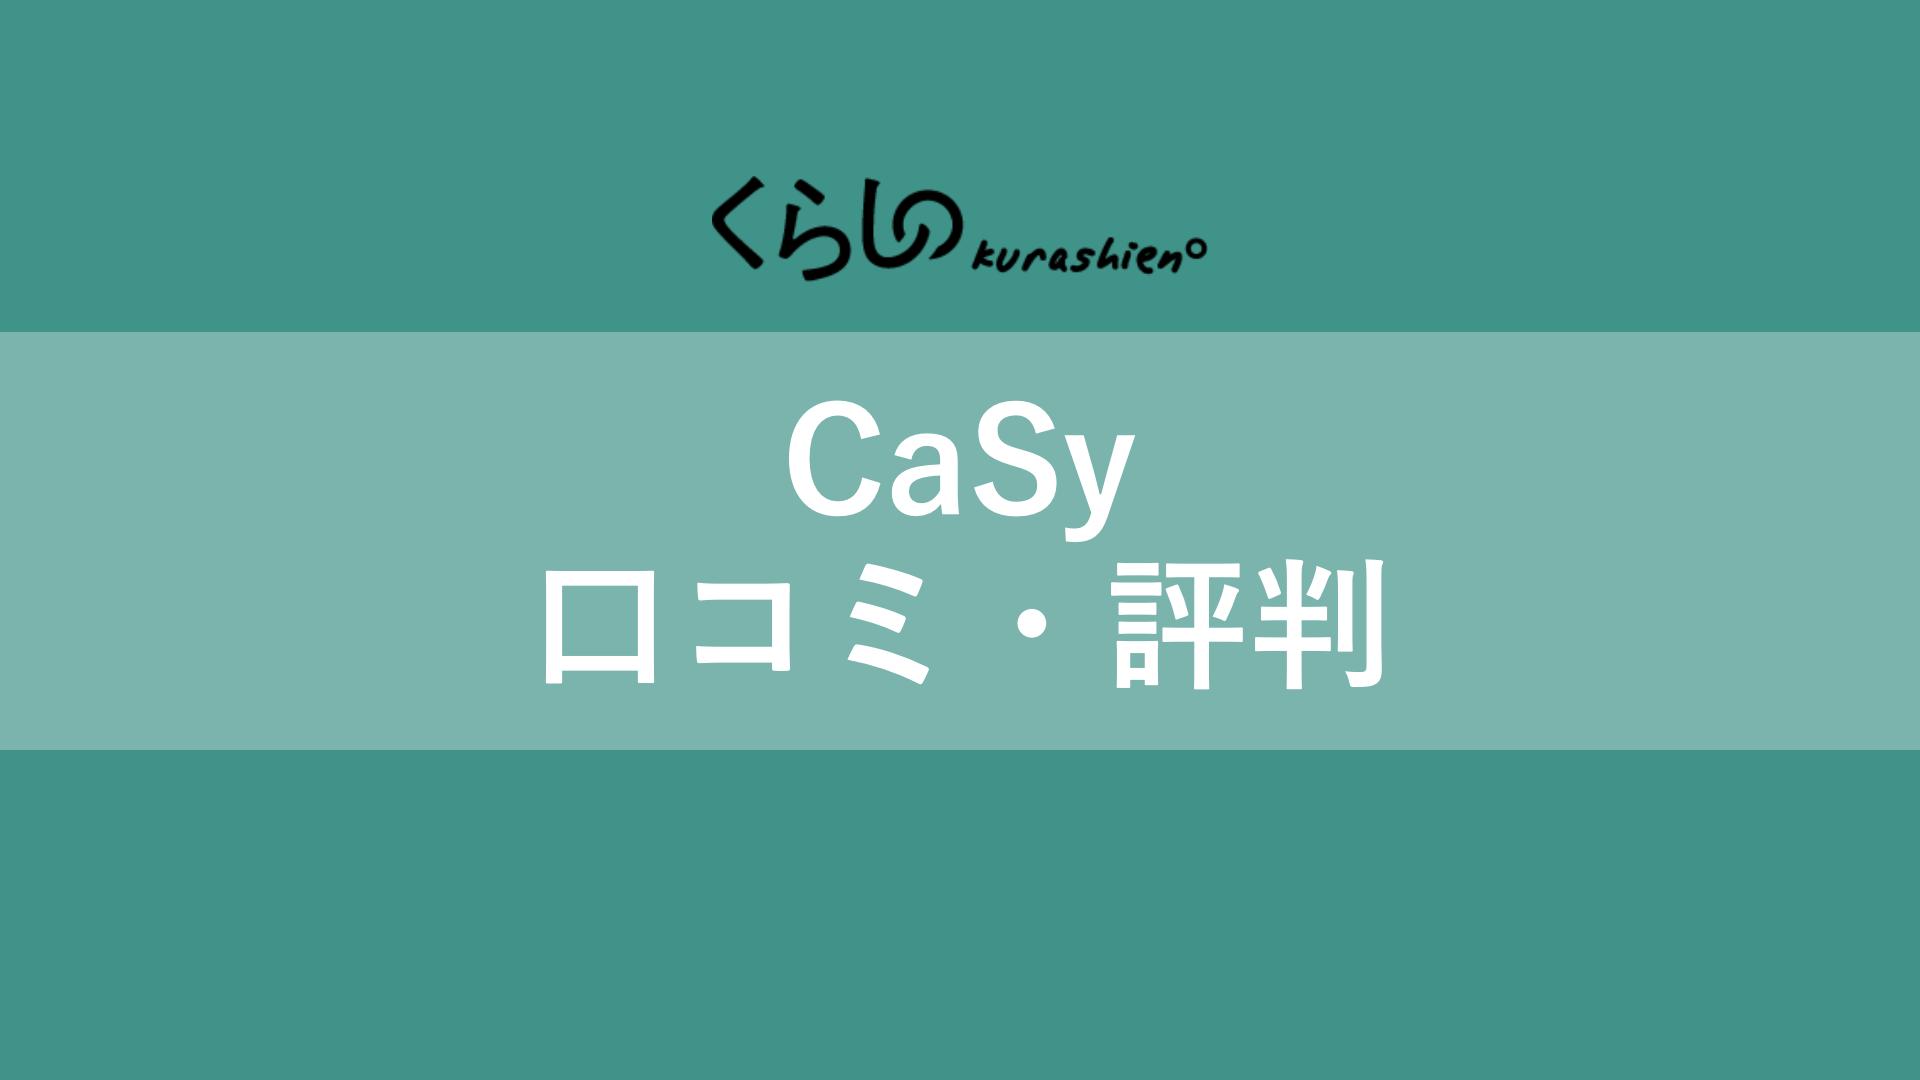 CaSy(カジー)、口コミ・評判は?デメリットは?家事代行サービスの選び方